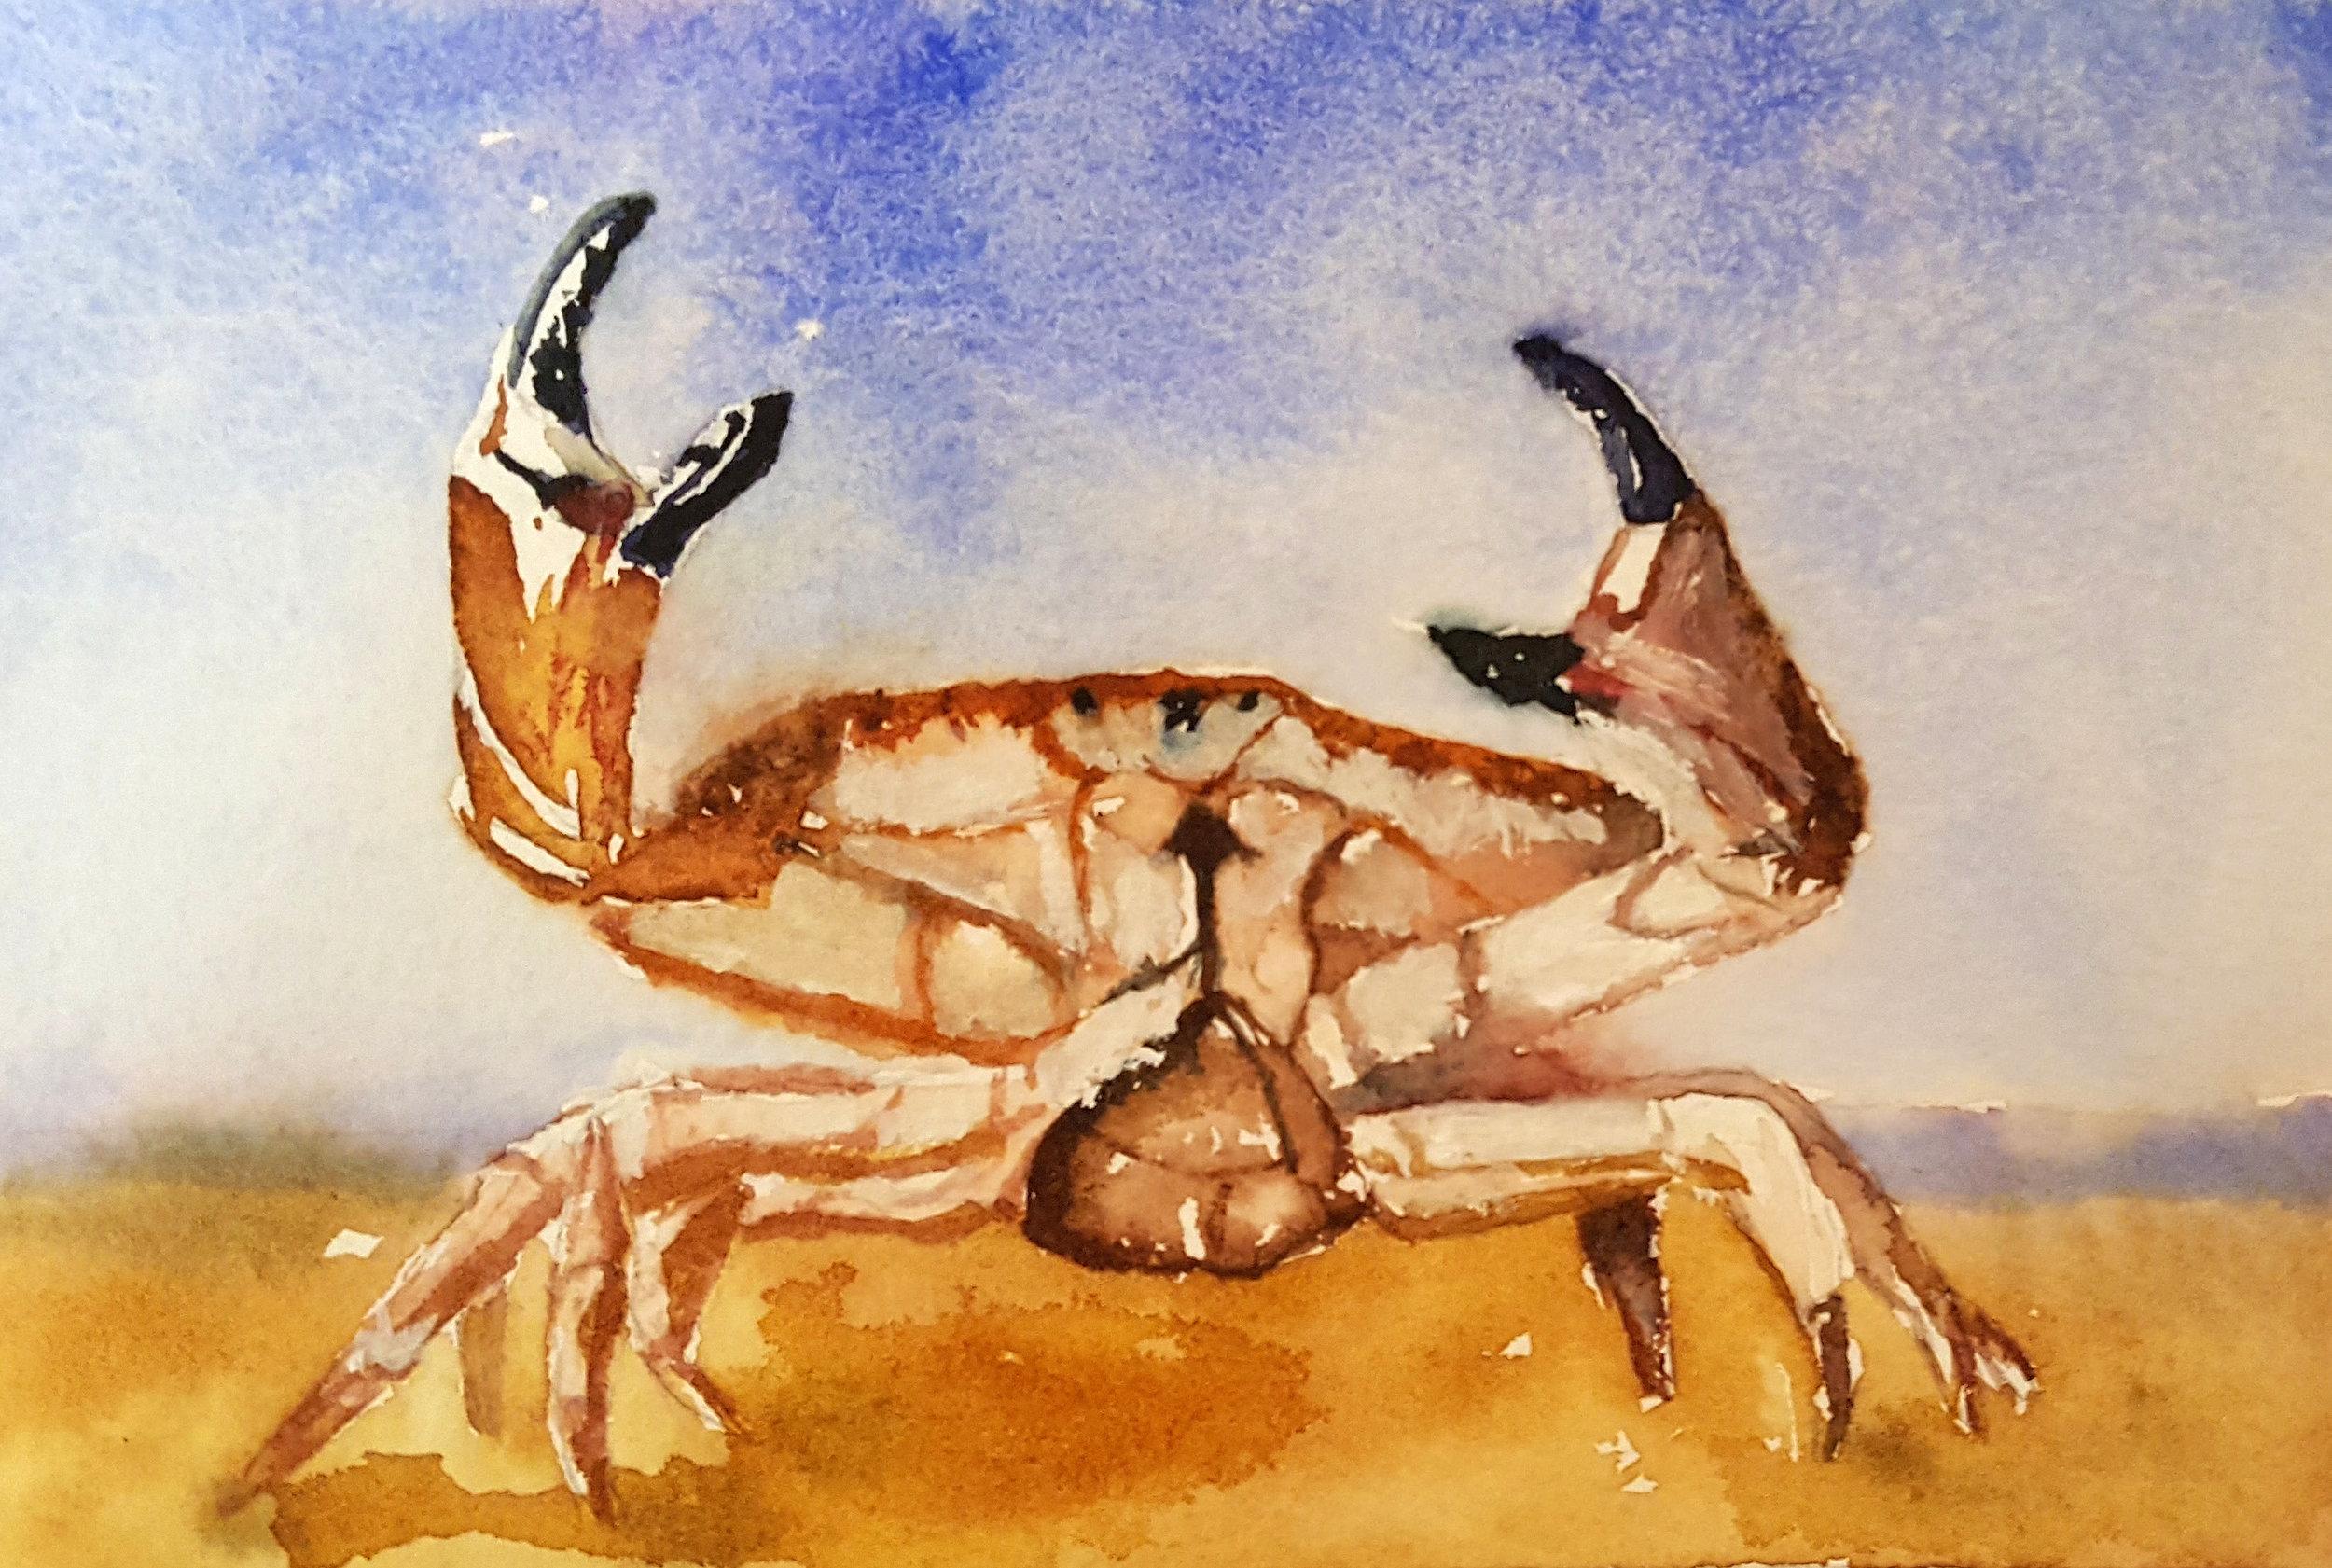 Heather Earnest's Crabbie